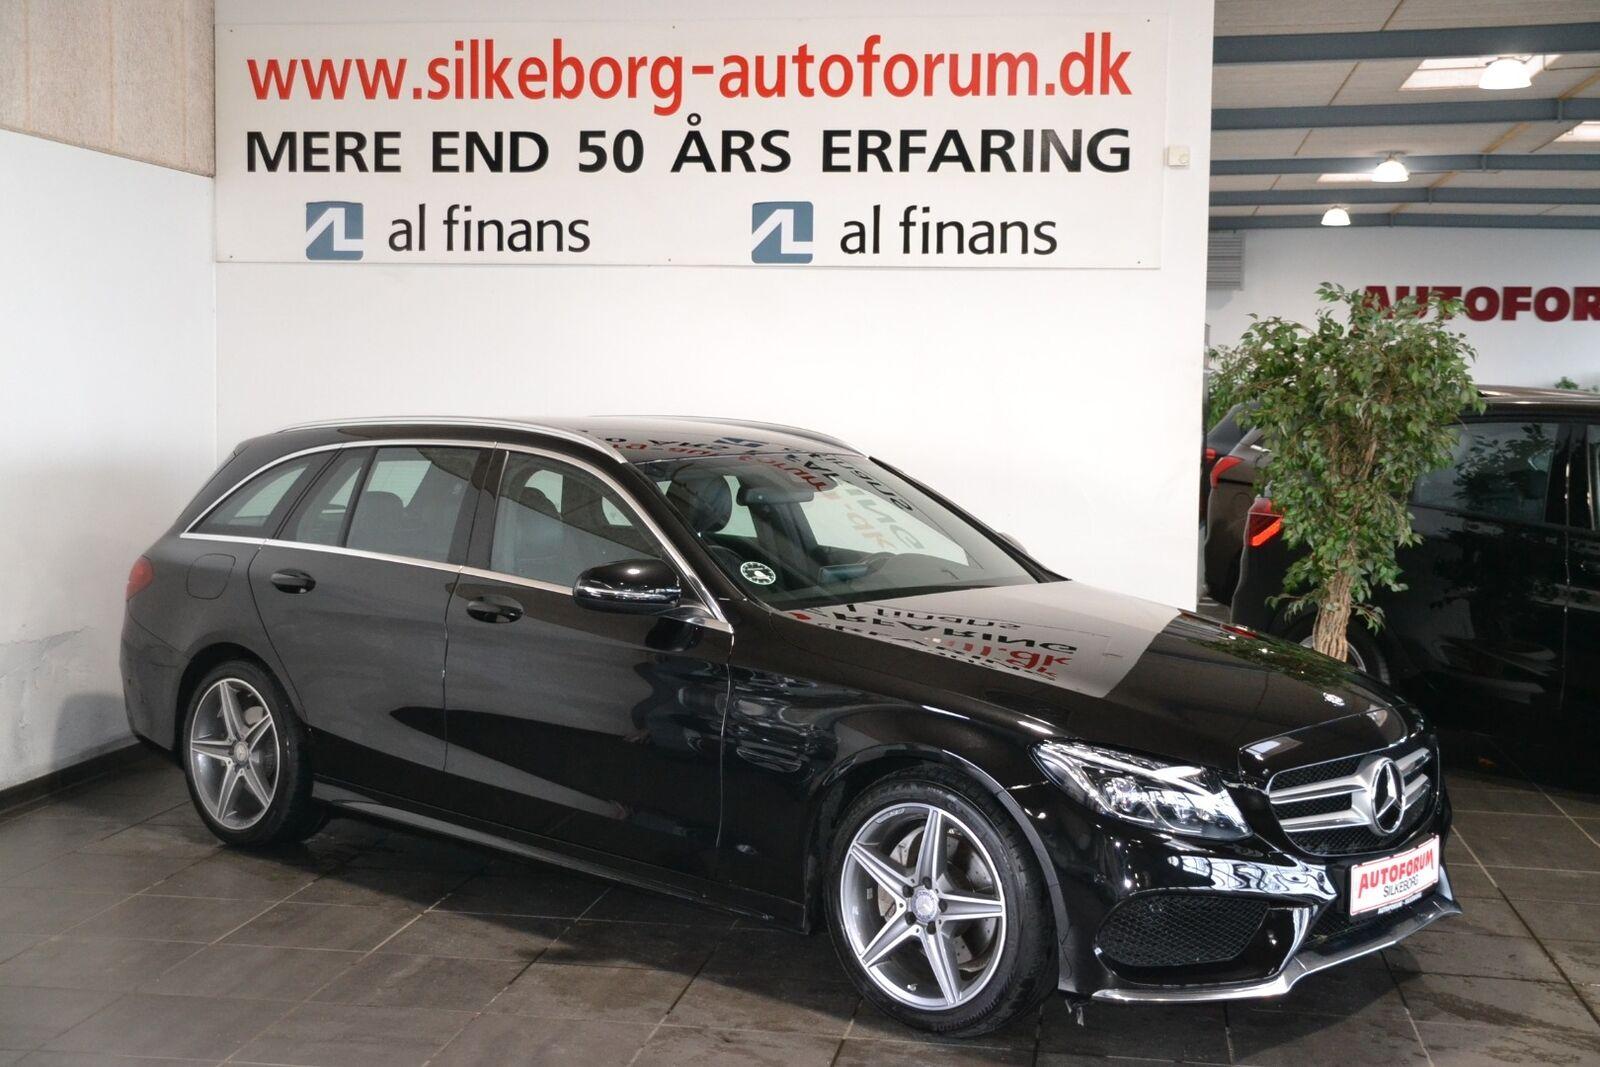 Mercedes C220 d 2,2 AMG Line stc. aut. 5d - 359.900 kr.